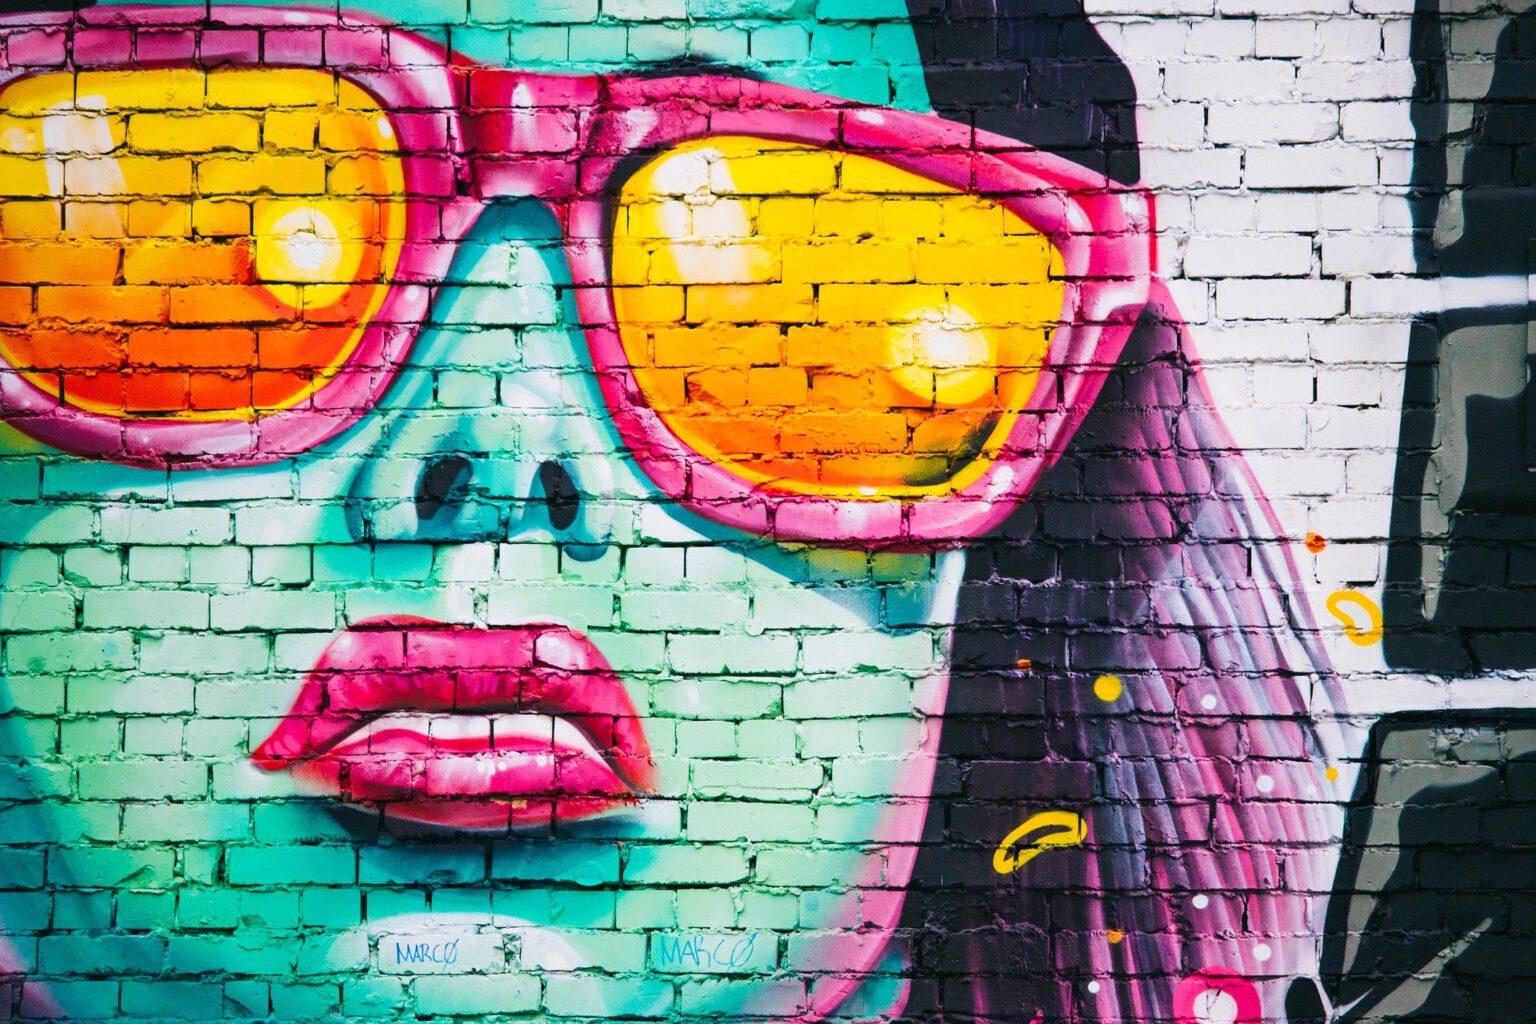 """Drei Workshops bietet der KVU Neunburg im Rahmen der Kunst- und Kulturtage 2021 des Kreisjugendrings an, darunter auch """"Kreatives Malen im Graffiti-Style""""."""